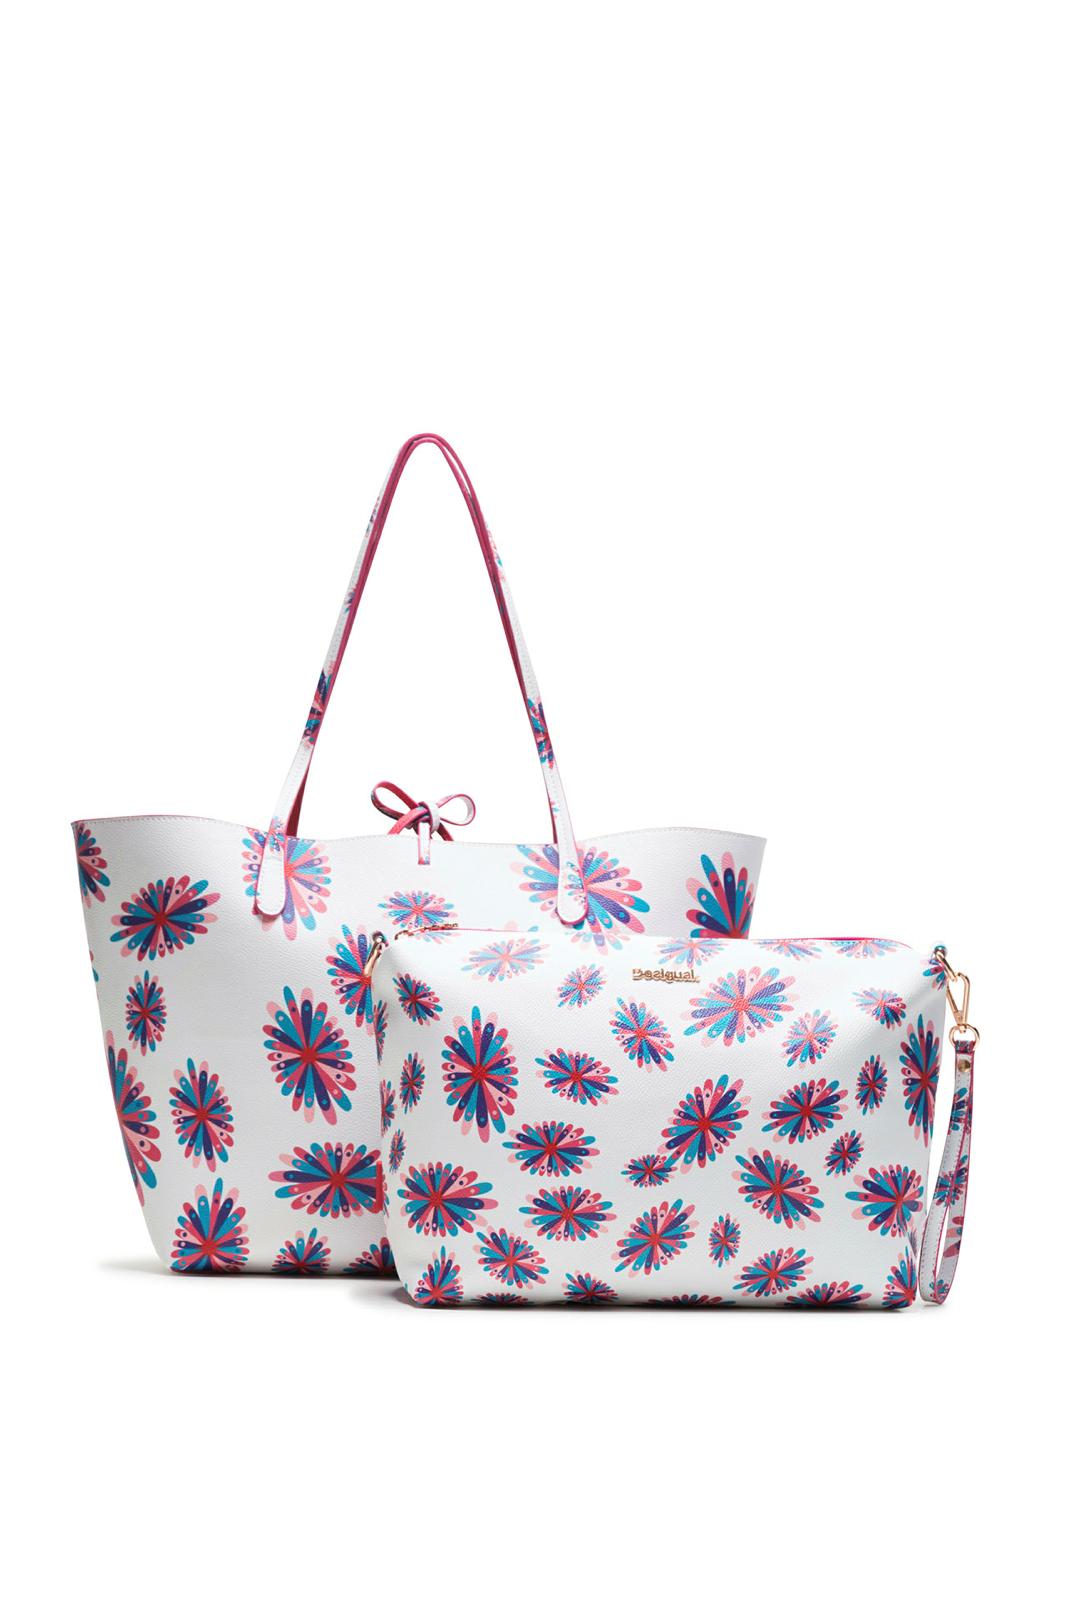 Details about Desigual Women's Frisbee Capri Reversible Shopper & Messenger  Bag RRP ?64